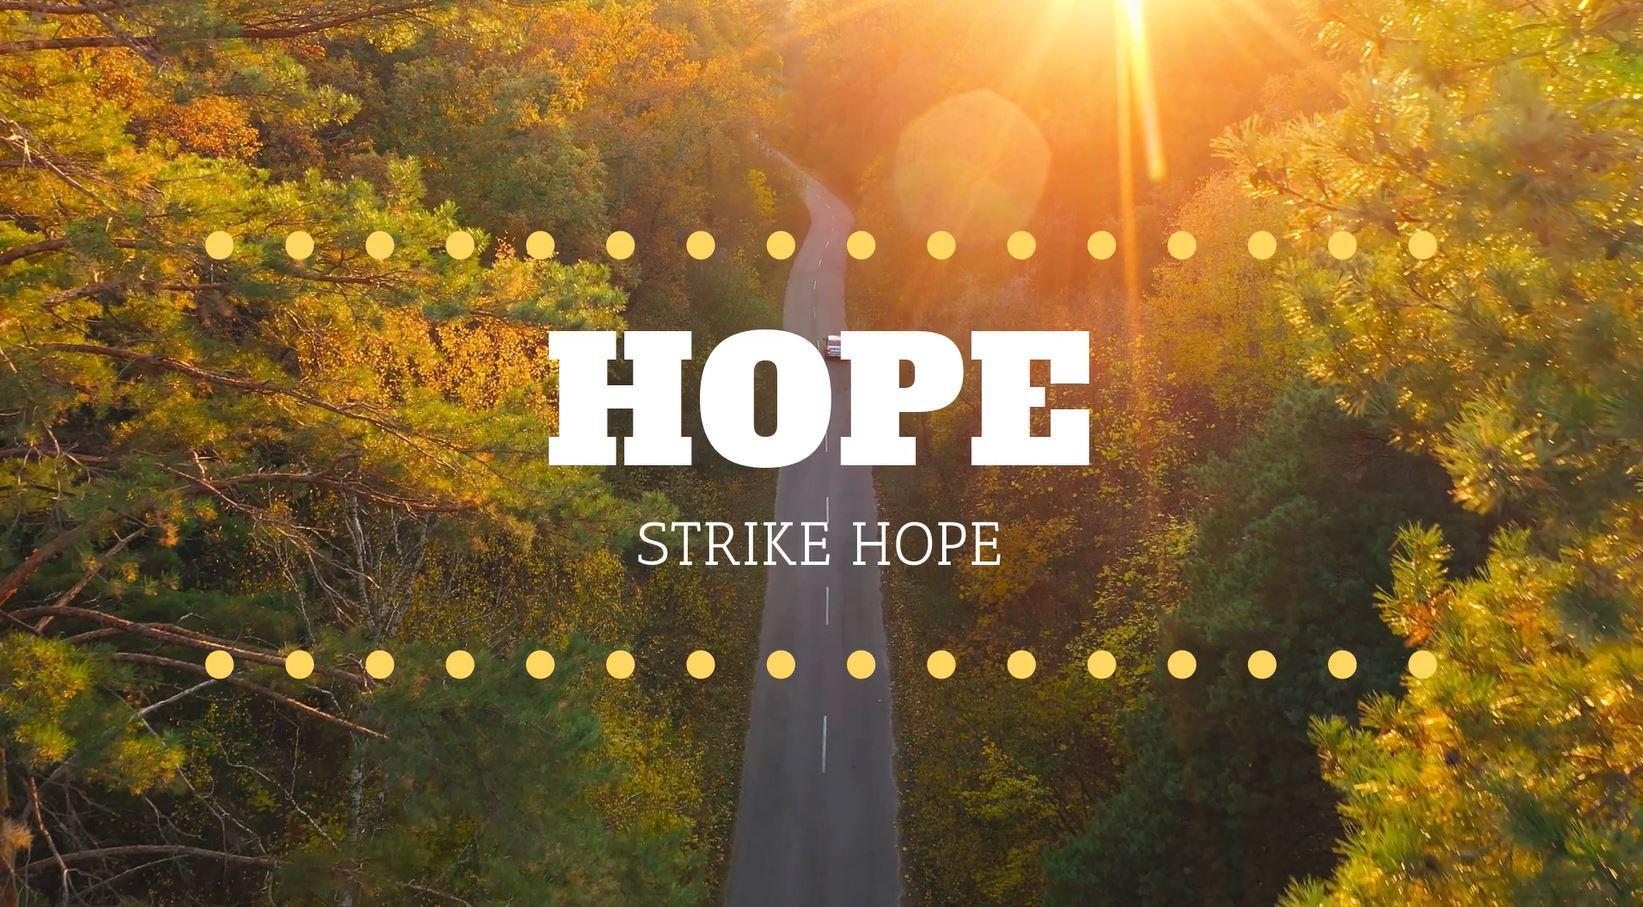 strike hope